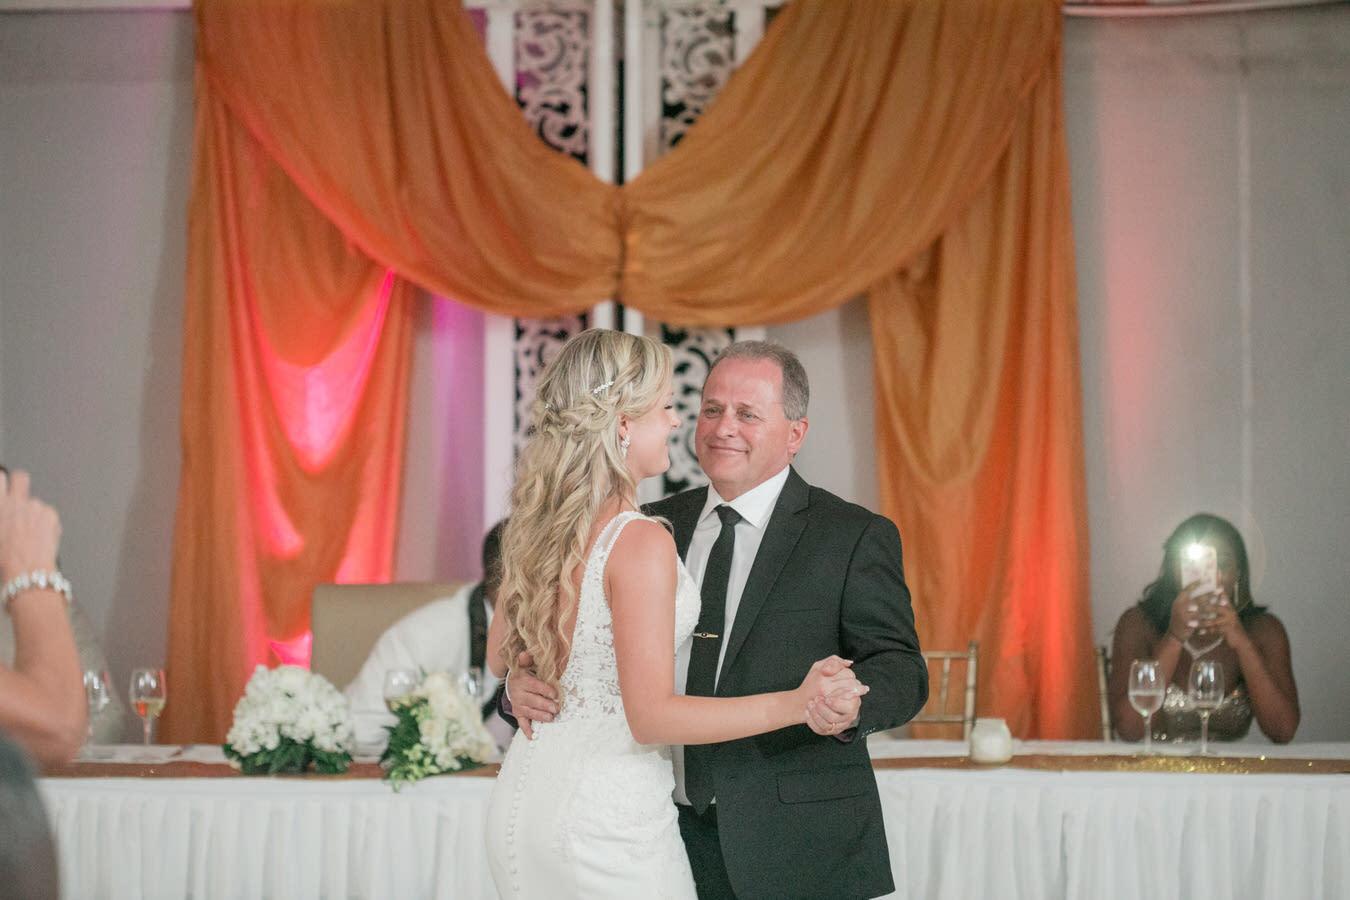 Ashley___Michael___Daniel_Ricci_Weddings_High_Res._Final_0458.jpg